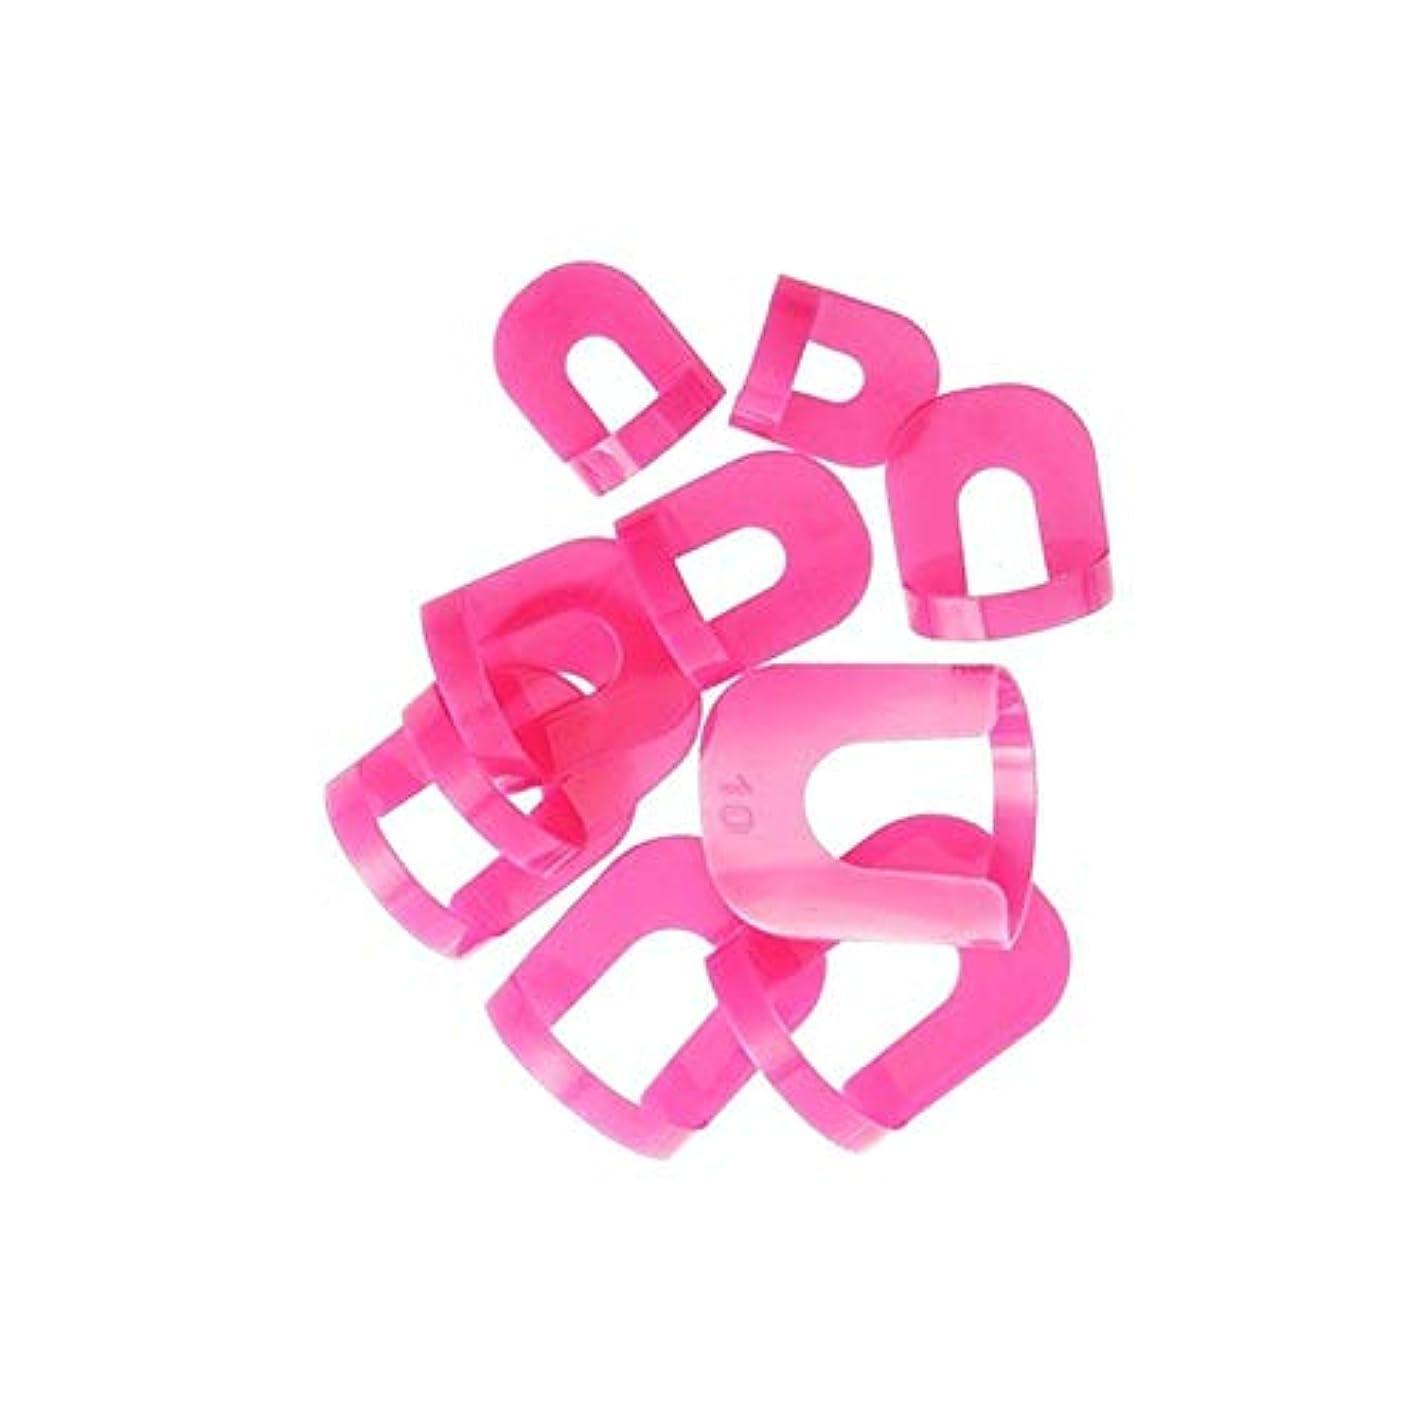 スーツケース切り下げ引数マニキュア保護テンプレート保護曲線状多指マニキュアの1セット、マニキュアが流出ホルダ10色ランダムサイズの互換性を持って設定します